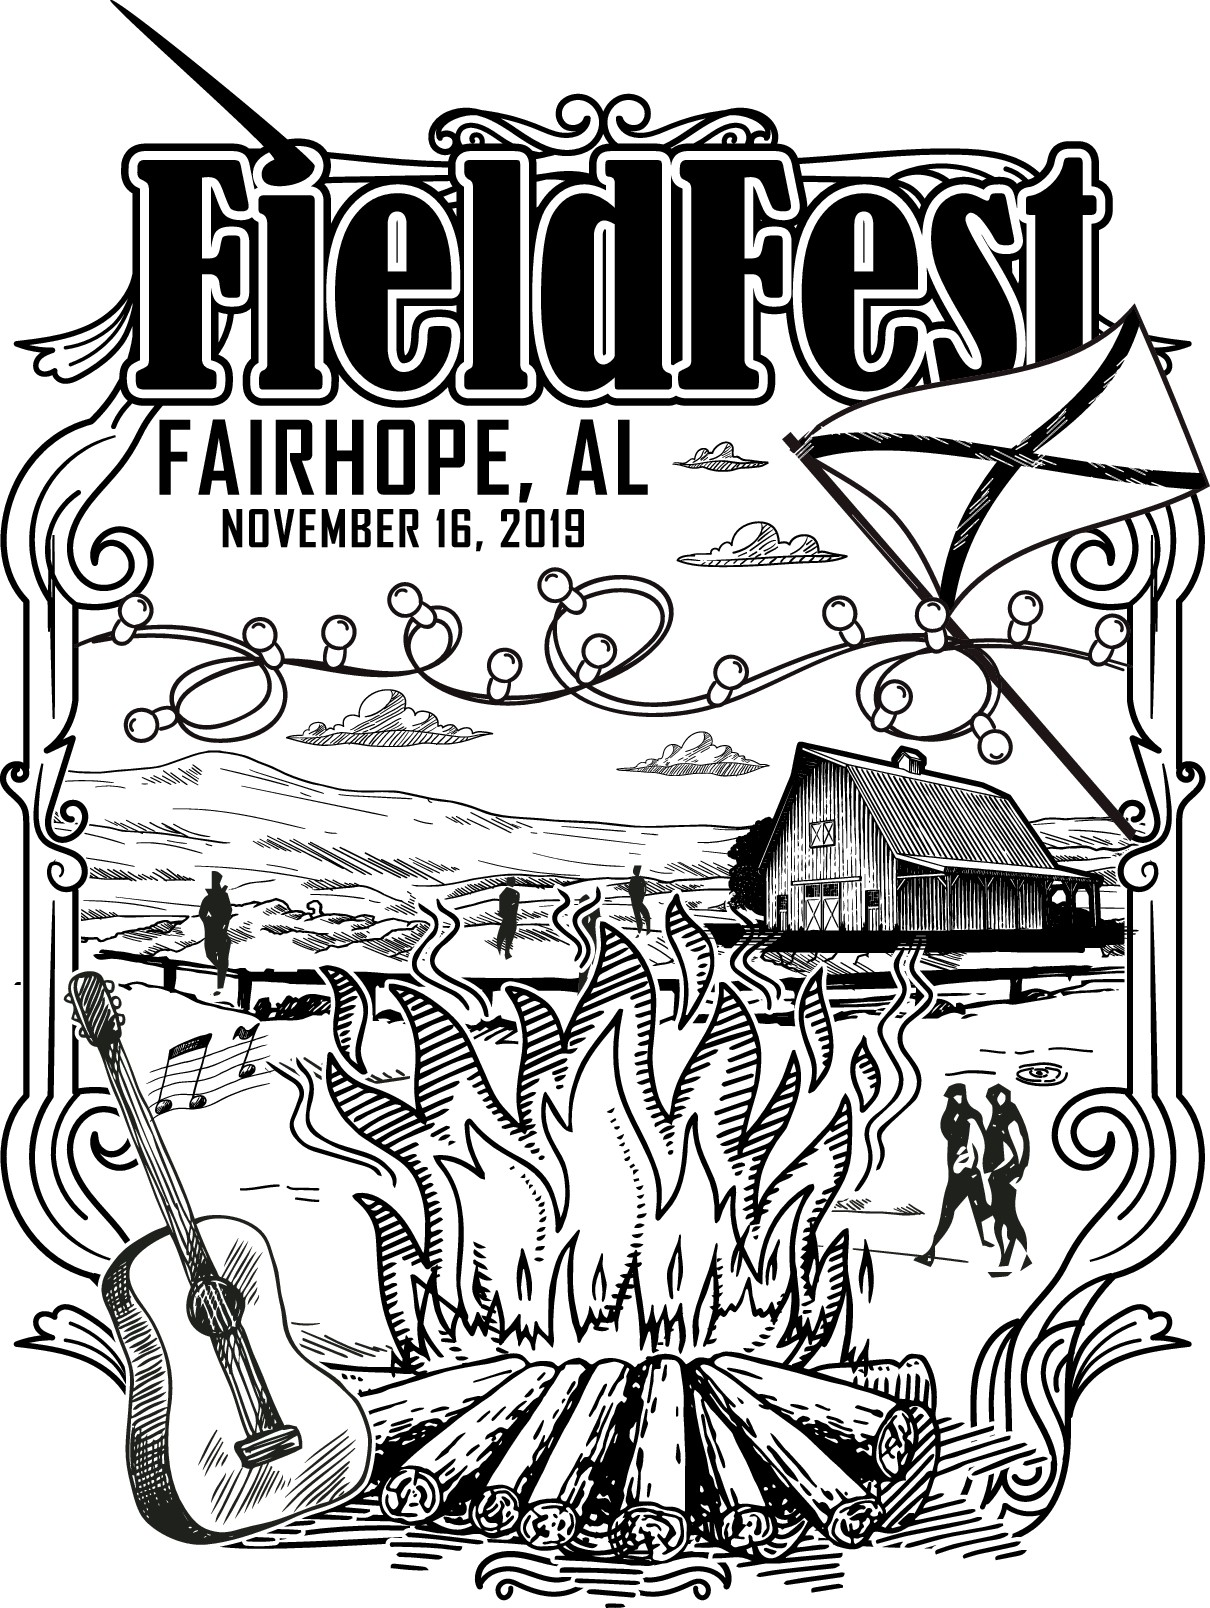 FieldFest 2019